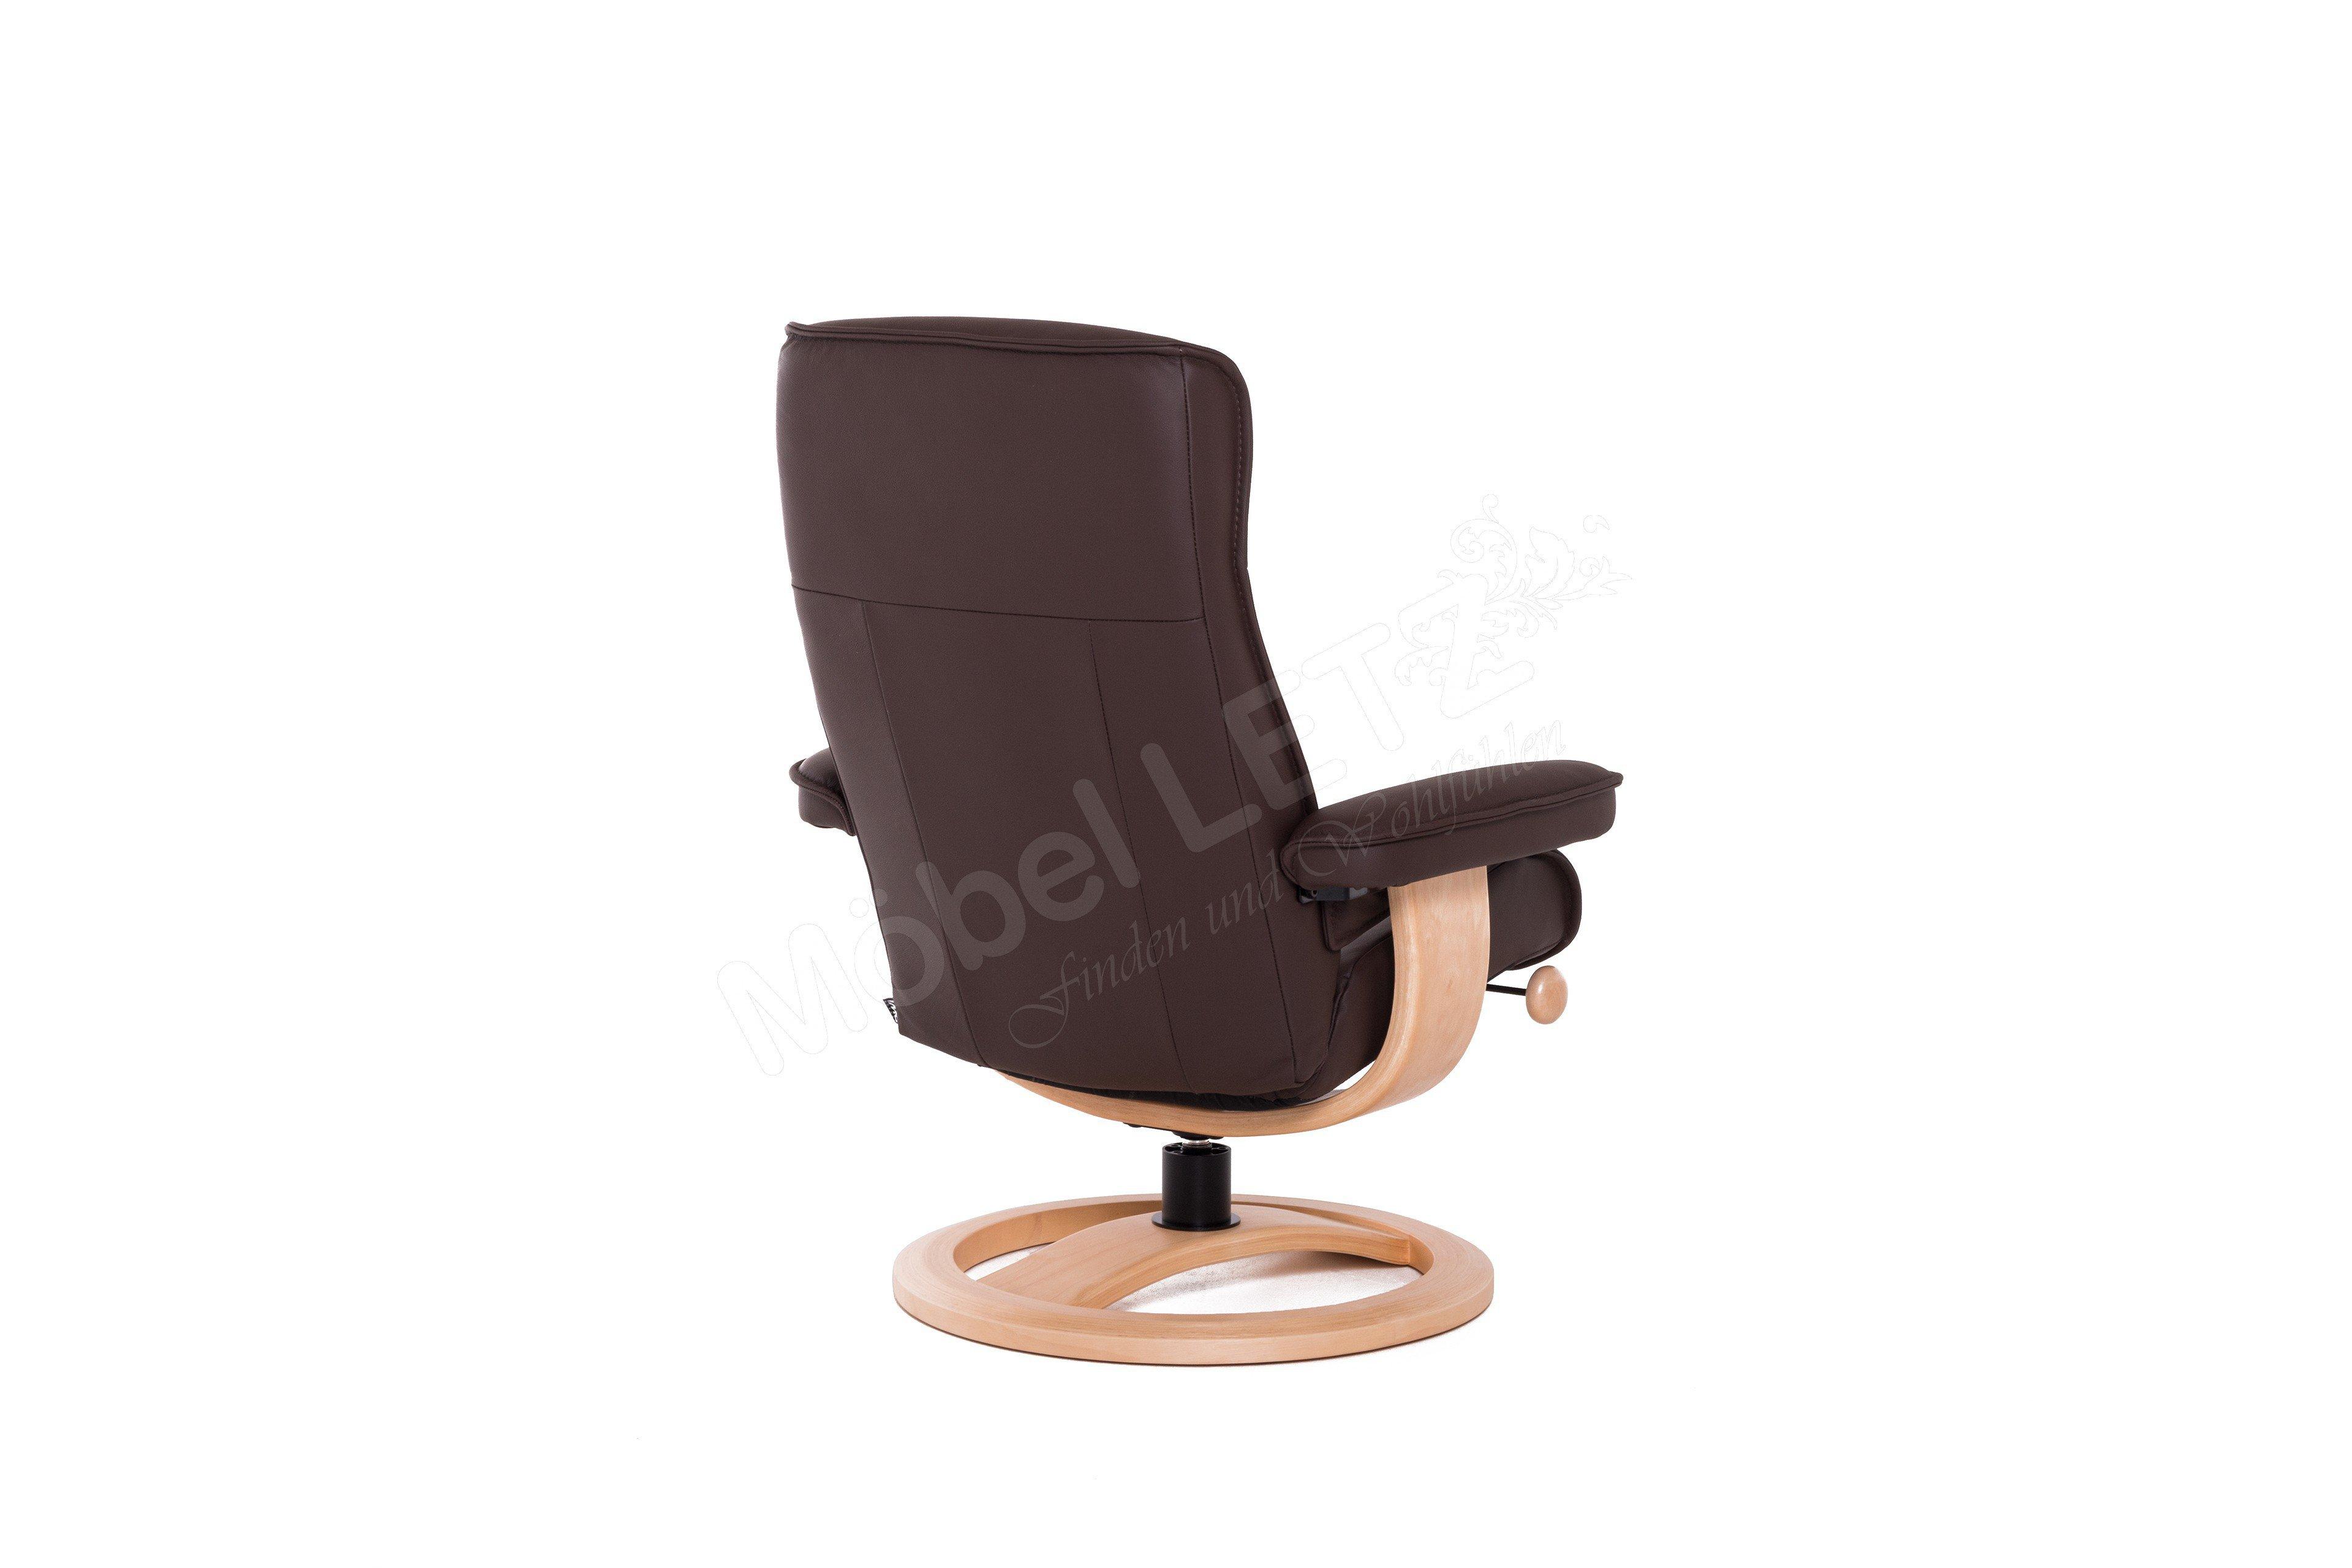 IMG Comfort Viking Relaxsessel braun   Möbel Letz - Ihr Online-Shop